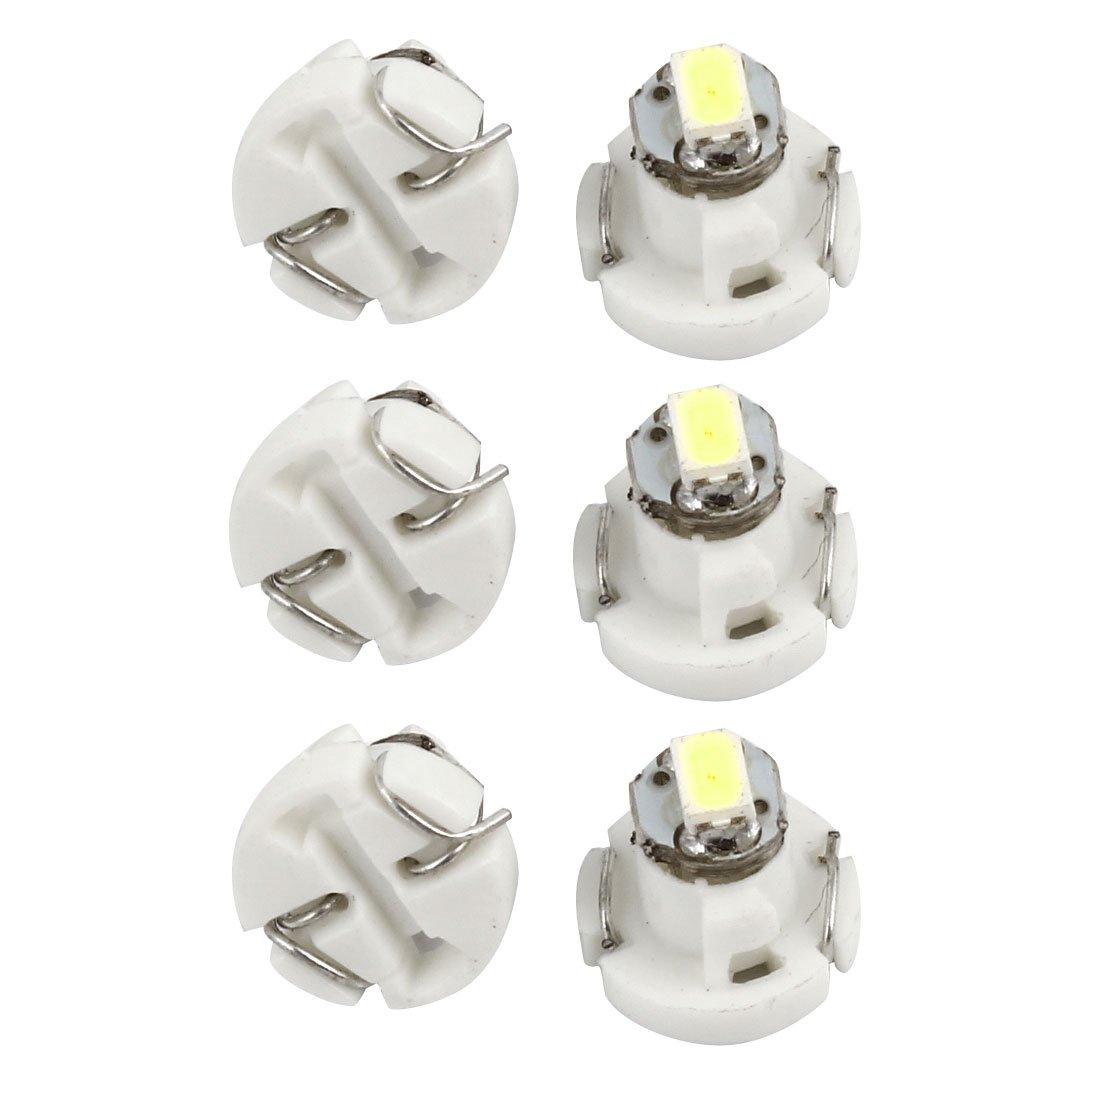 6 piè ces Blanc T3 3020 SMD 1-LED Instrument É clairage Tableau De Bord pour voiture Interne Sourcingmap a14051200ux0684